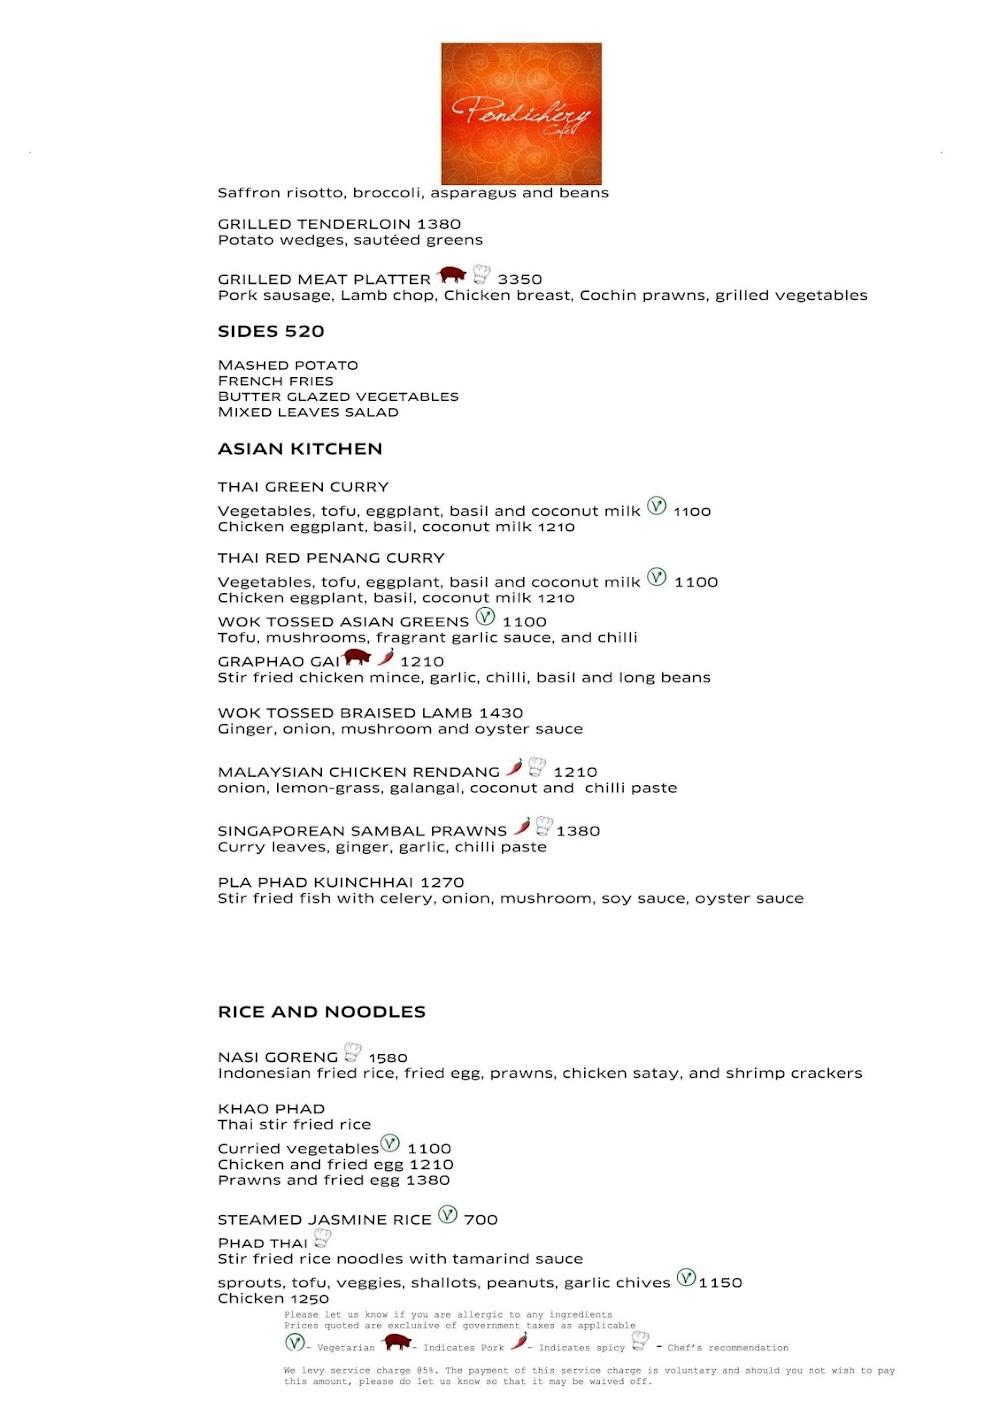 Pondichery Cafe - Sofitel menu 7